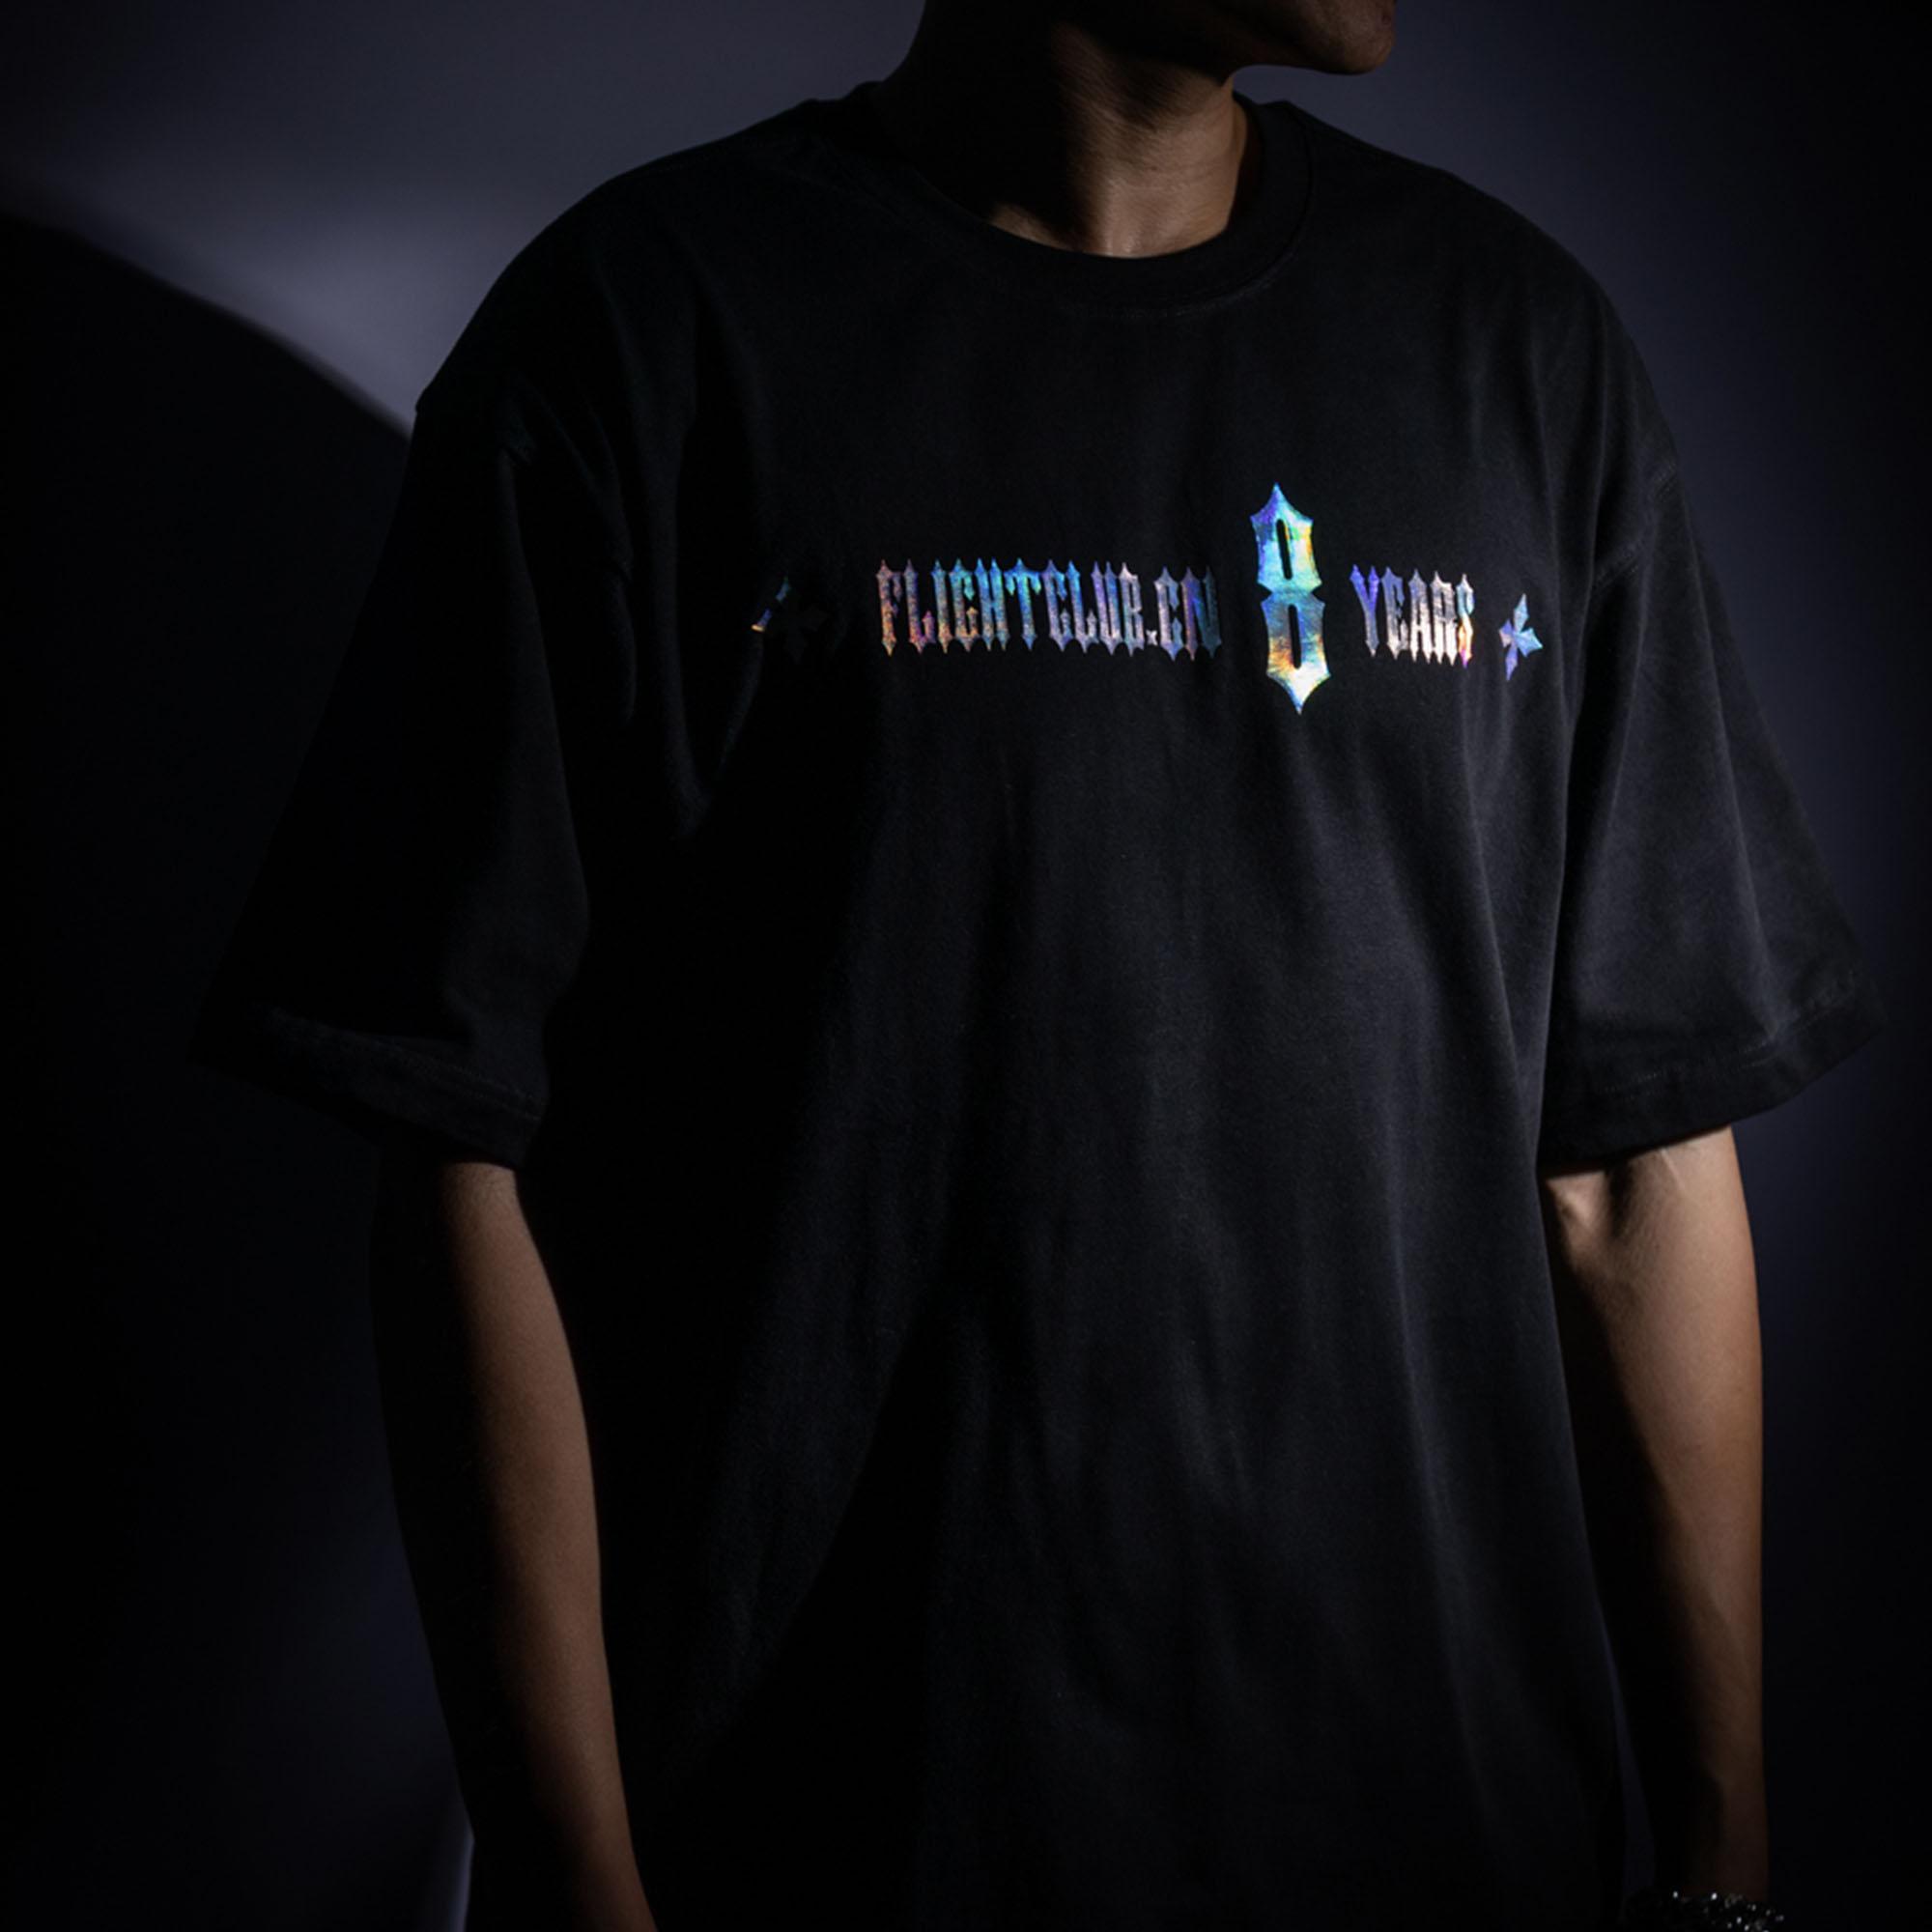 FC,FLIGHTCLUB  就是这么惊喜!「FC 八周年纪念 T 恤」悄悄上架了!